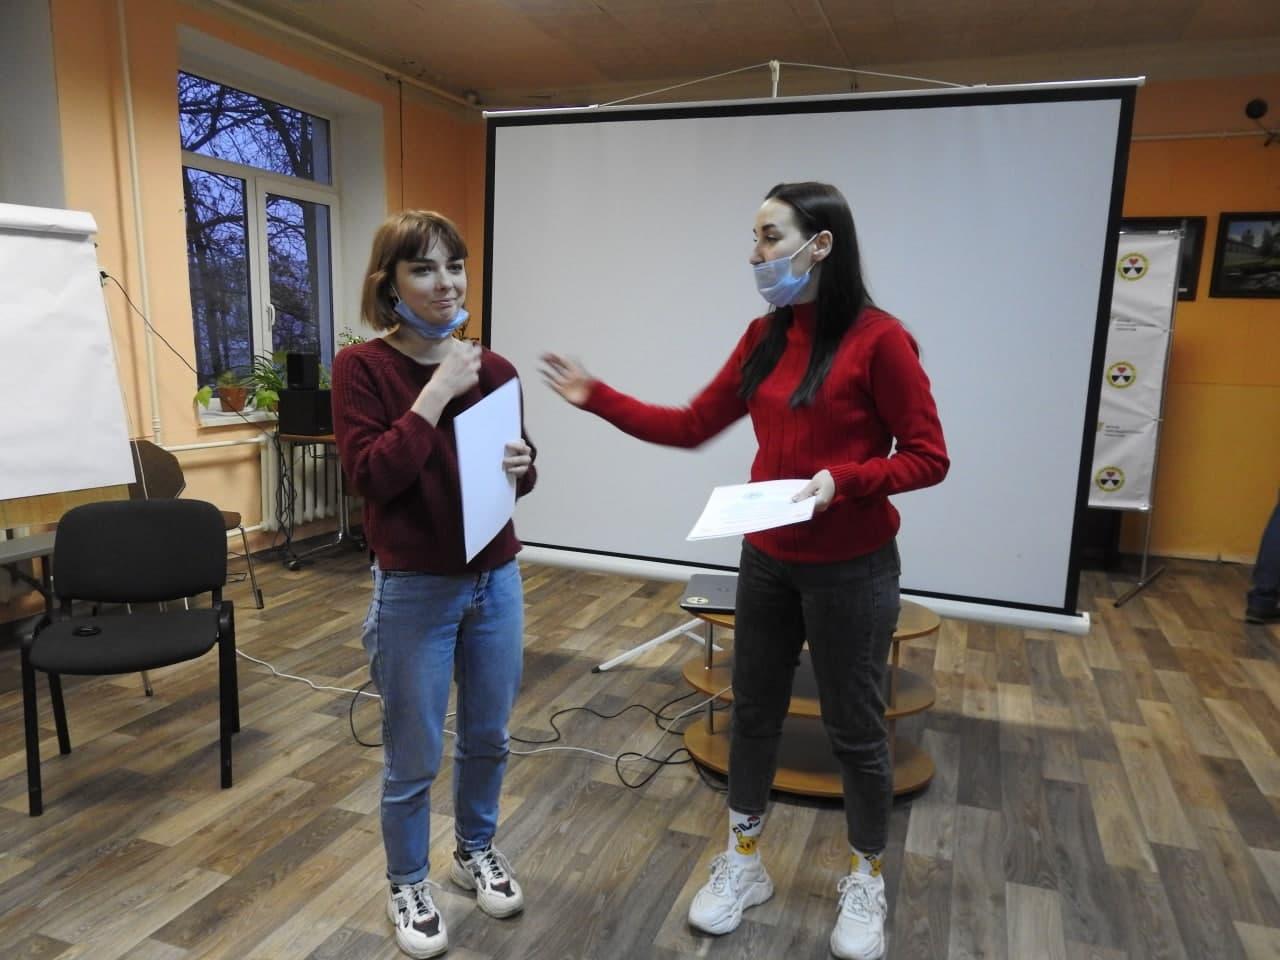 В общественной организации «Радимичи» подвели итоги проекта «Социально-реабилитационный центр «Радимичи» для детей с ограниченными возможностями»